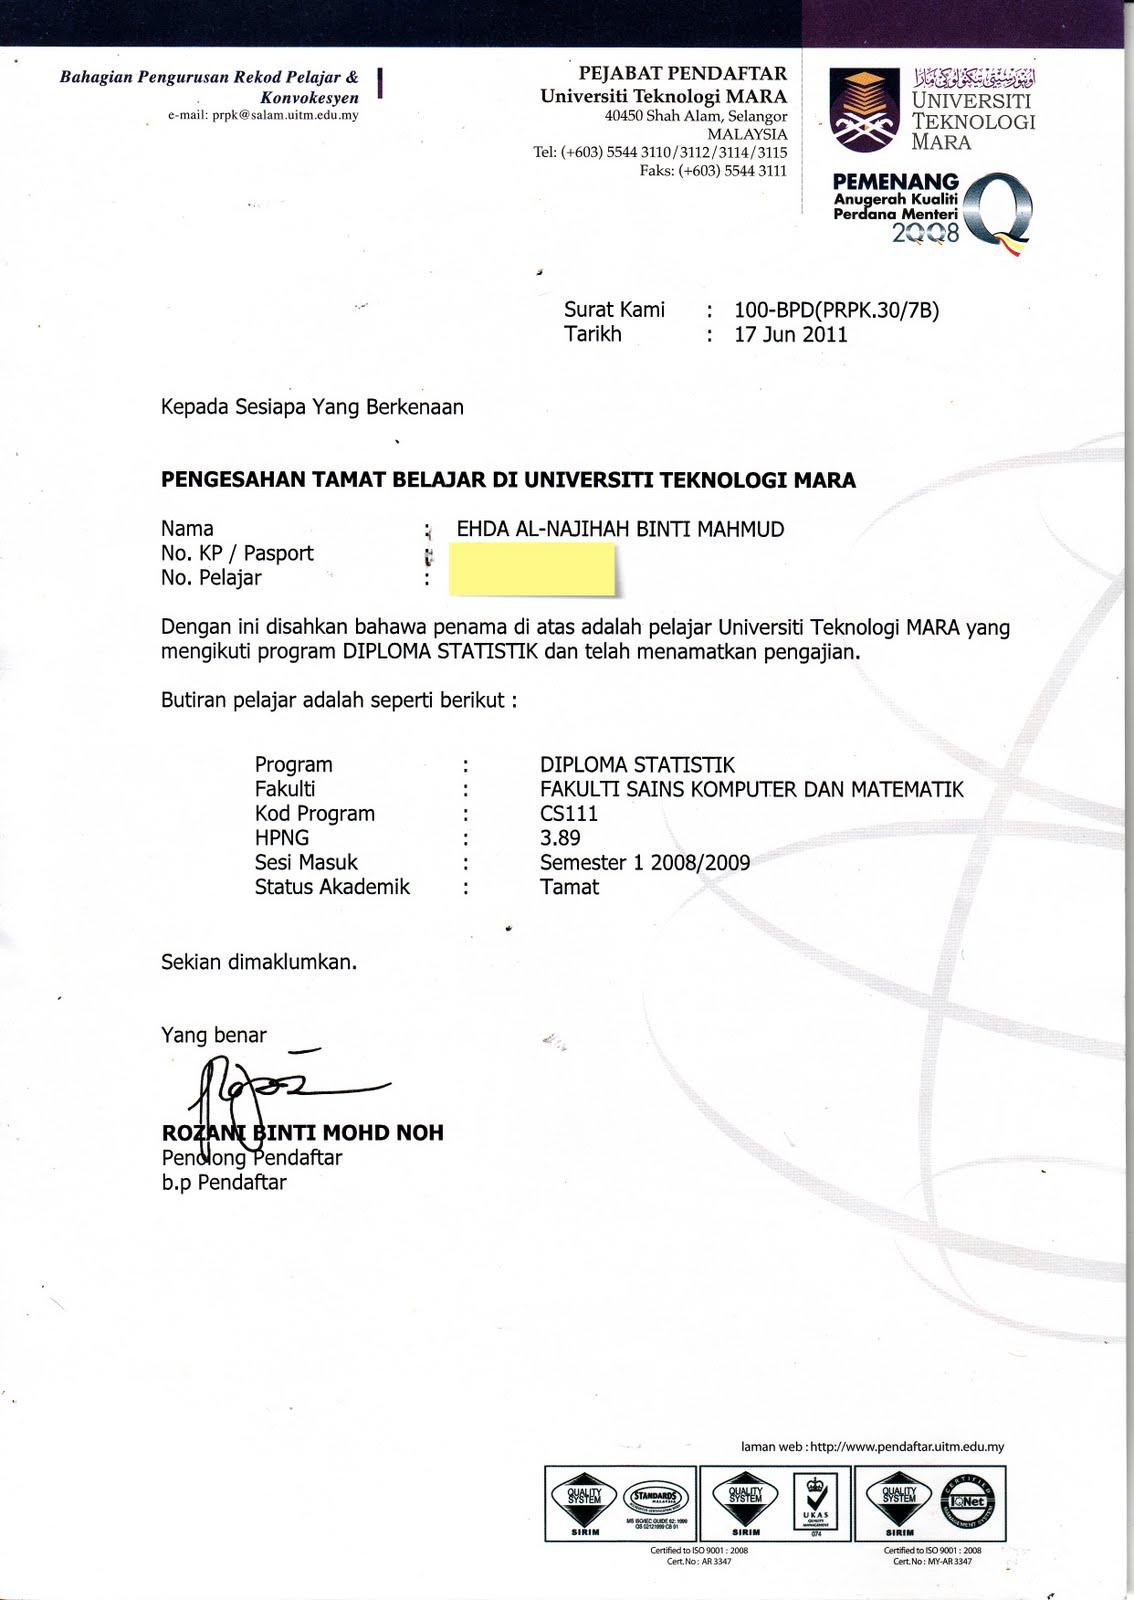 Contoh Surat Rasmi Permohonan Sambung Kontrak Kerja Rasmi Ri